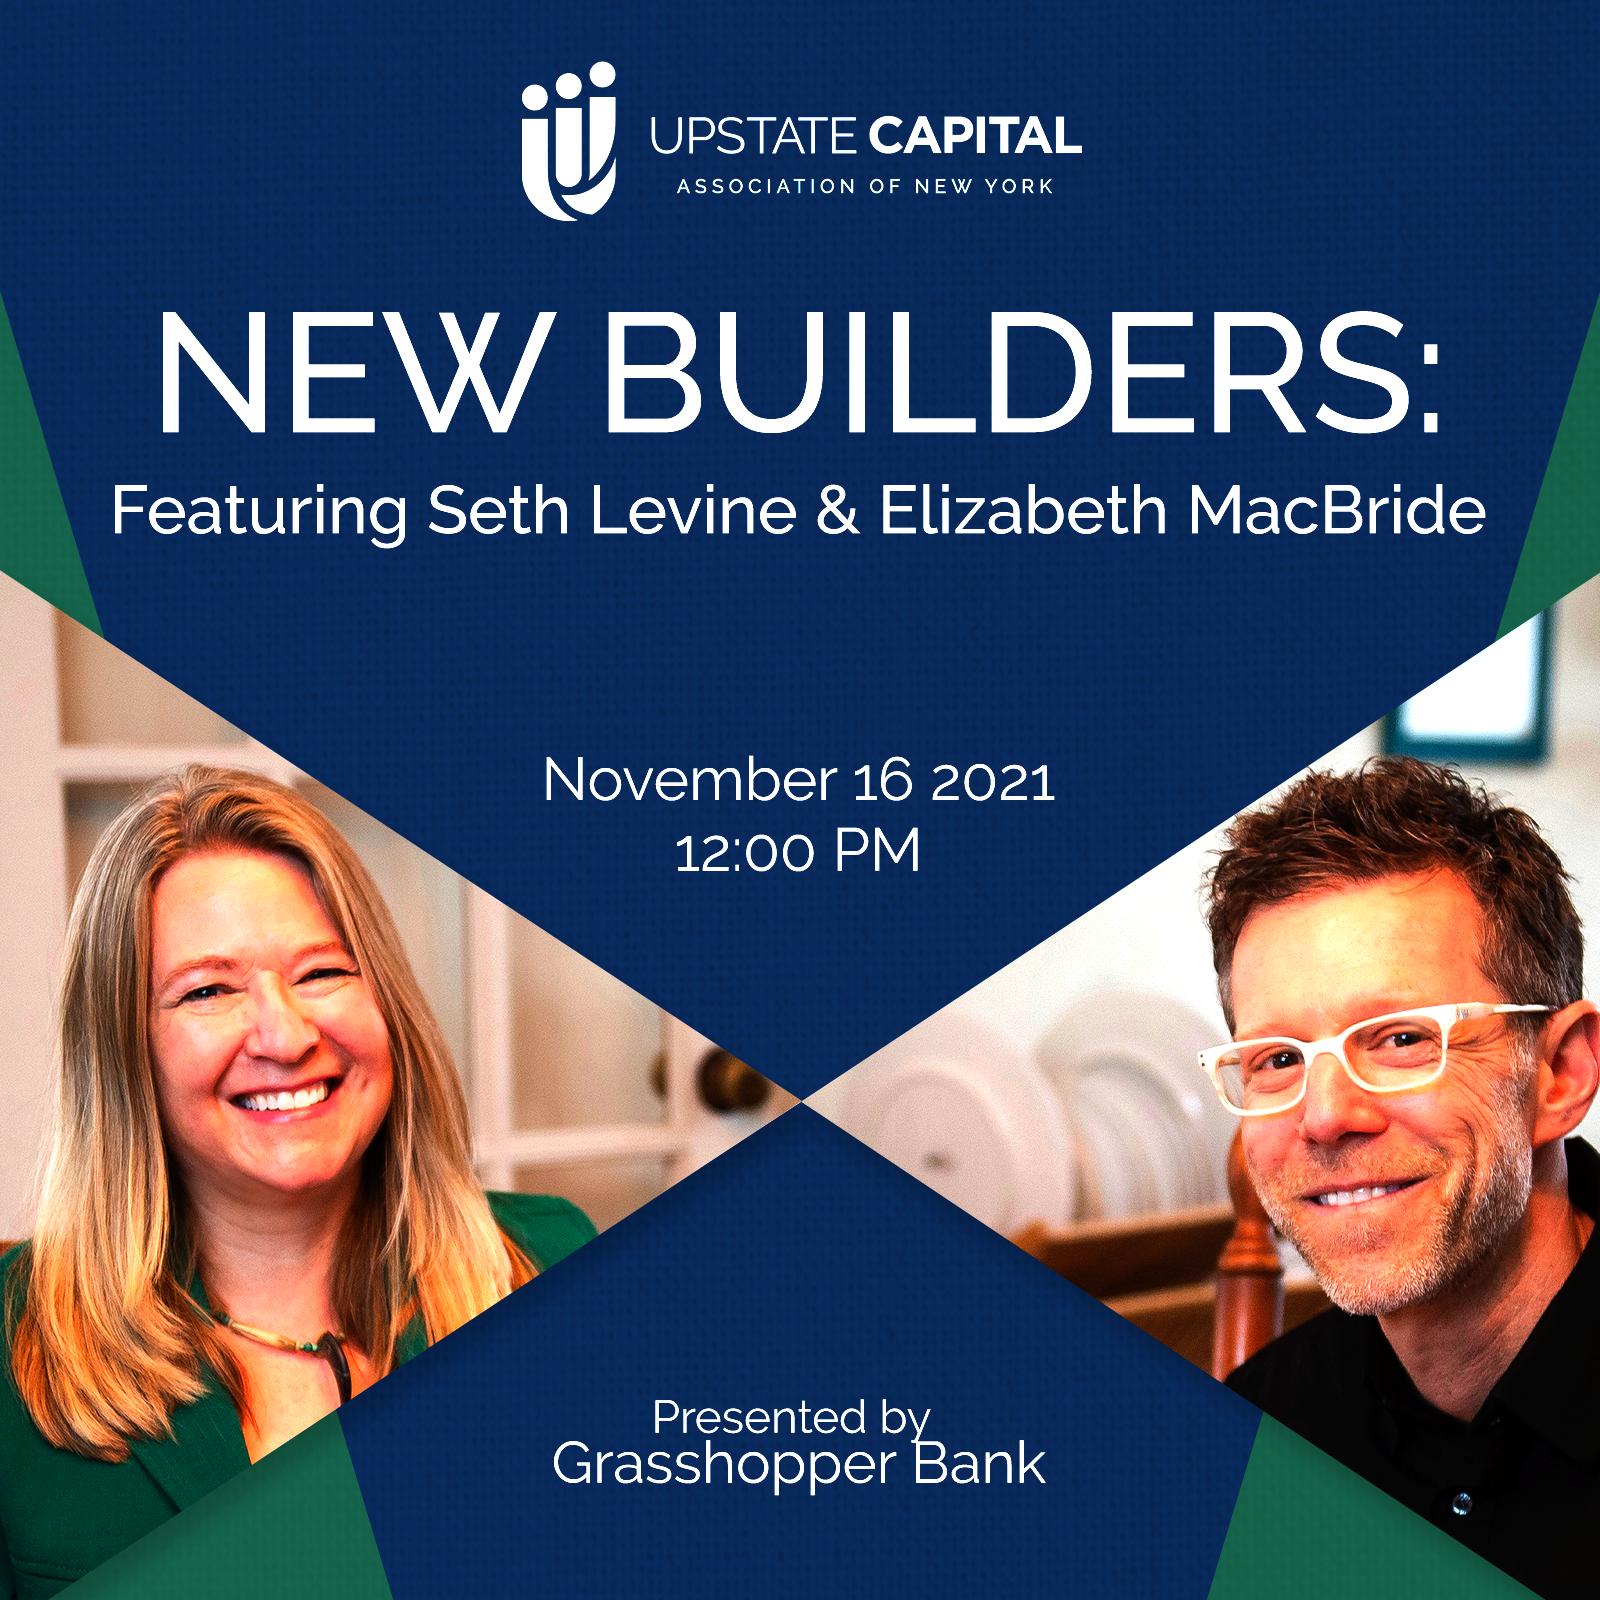 New Builders